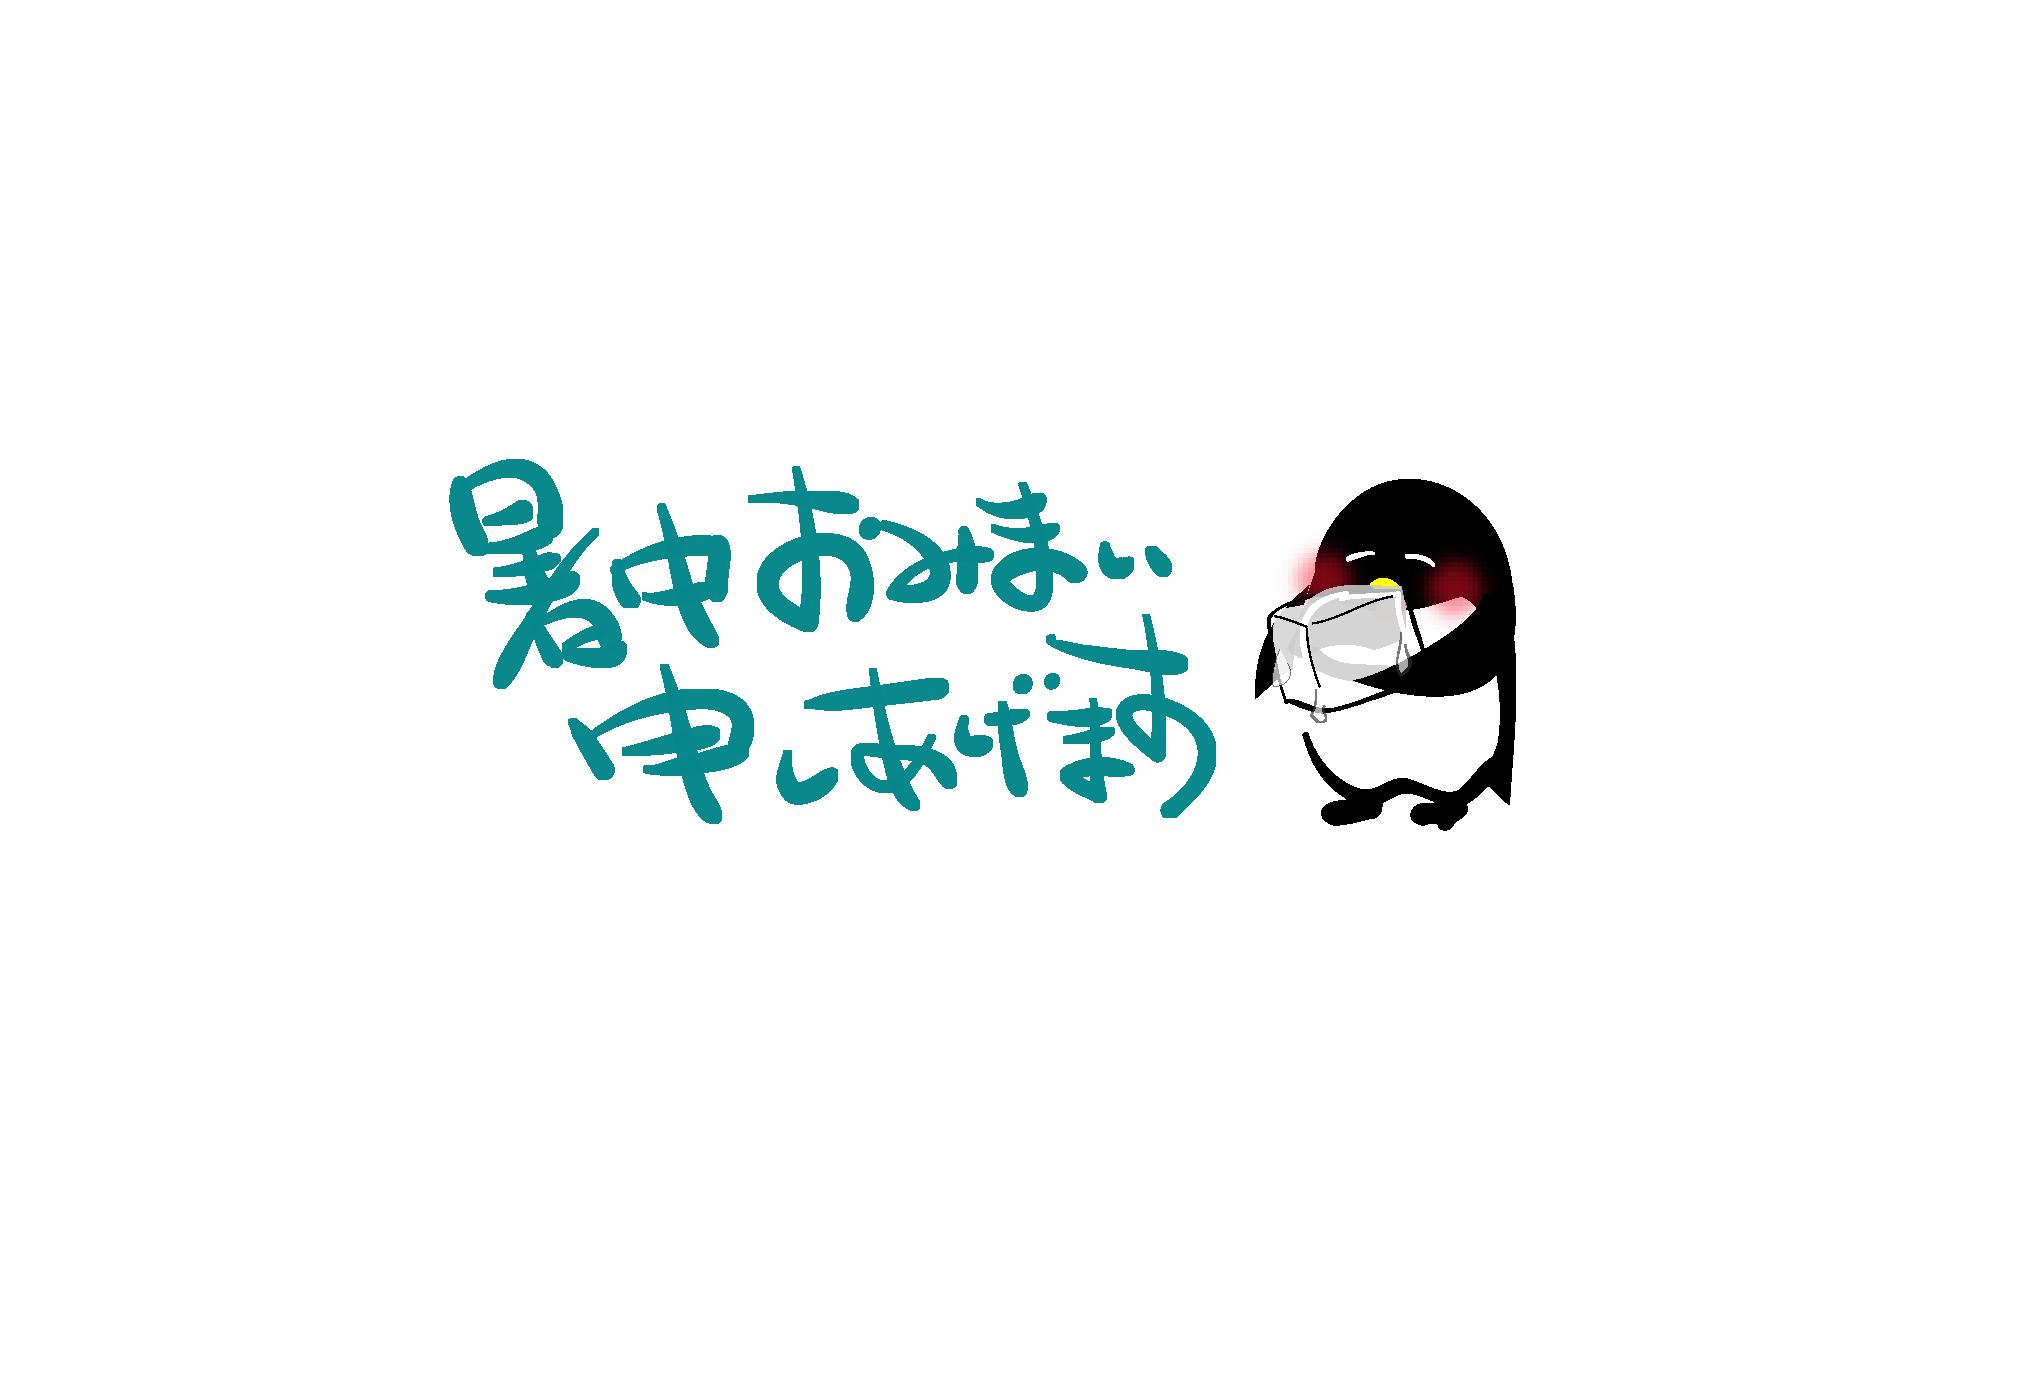 ... ・ペンギン」ダウンロード : 便箋無料ダウンロード かわいい : 無料